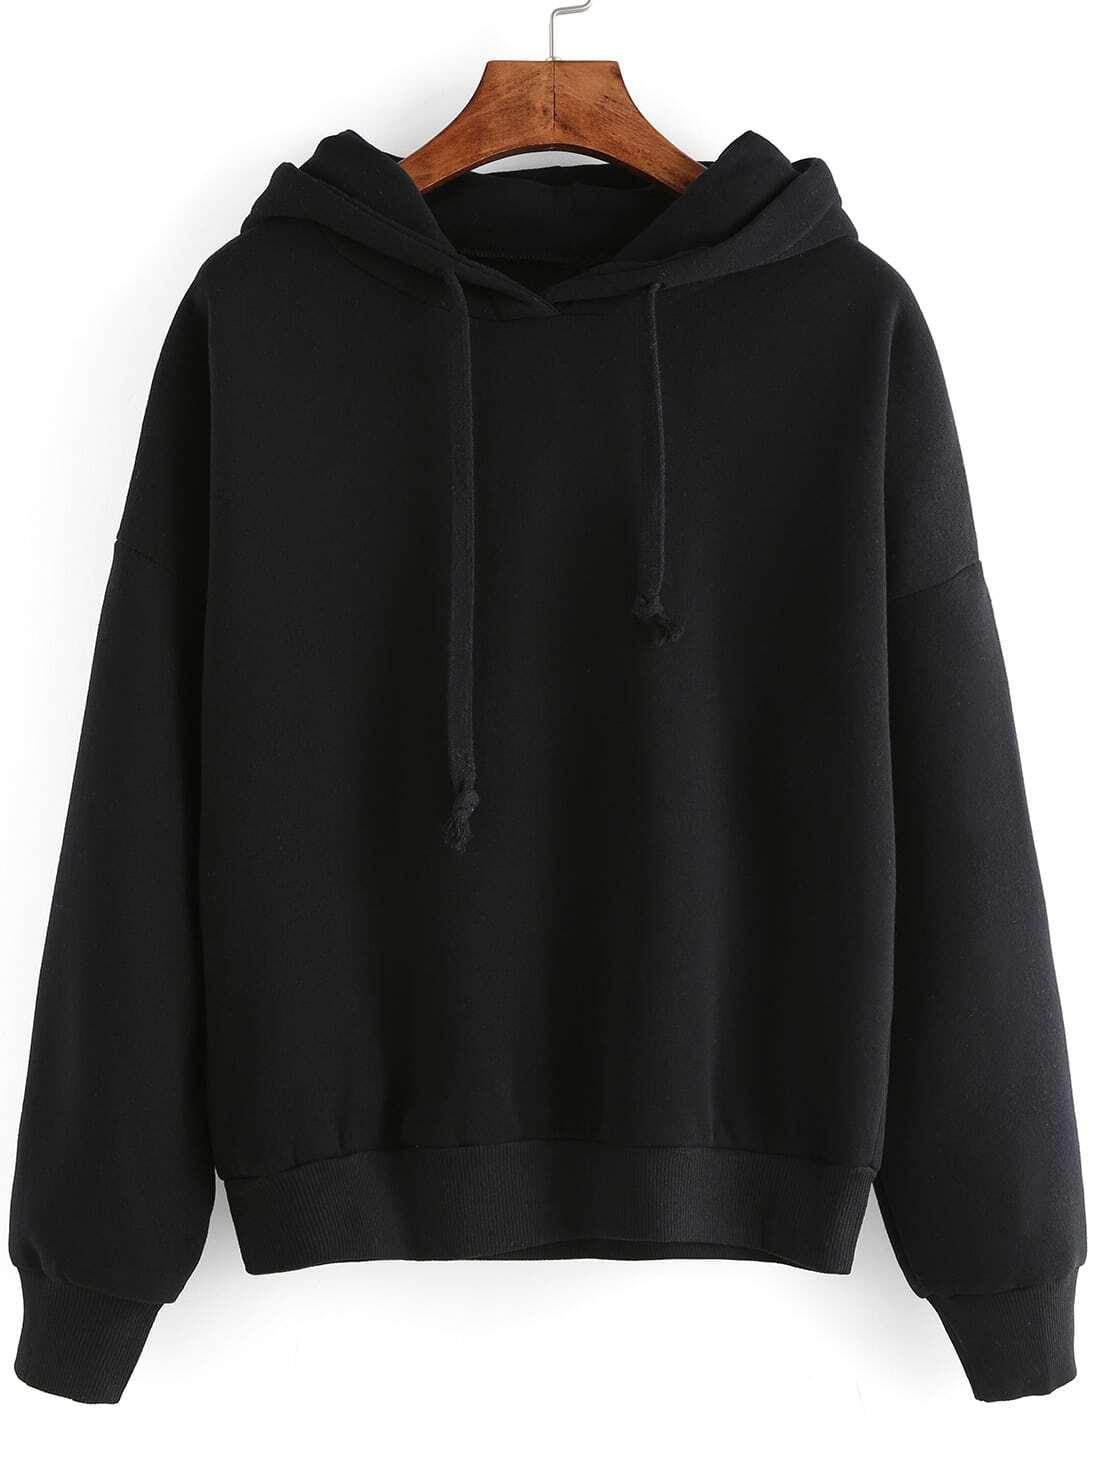 Black Hooded Long Sleeve Crop SweatshirtFor Women-romwe